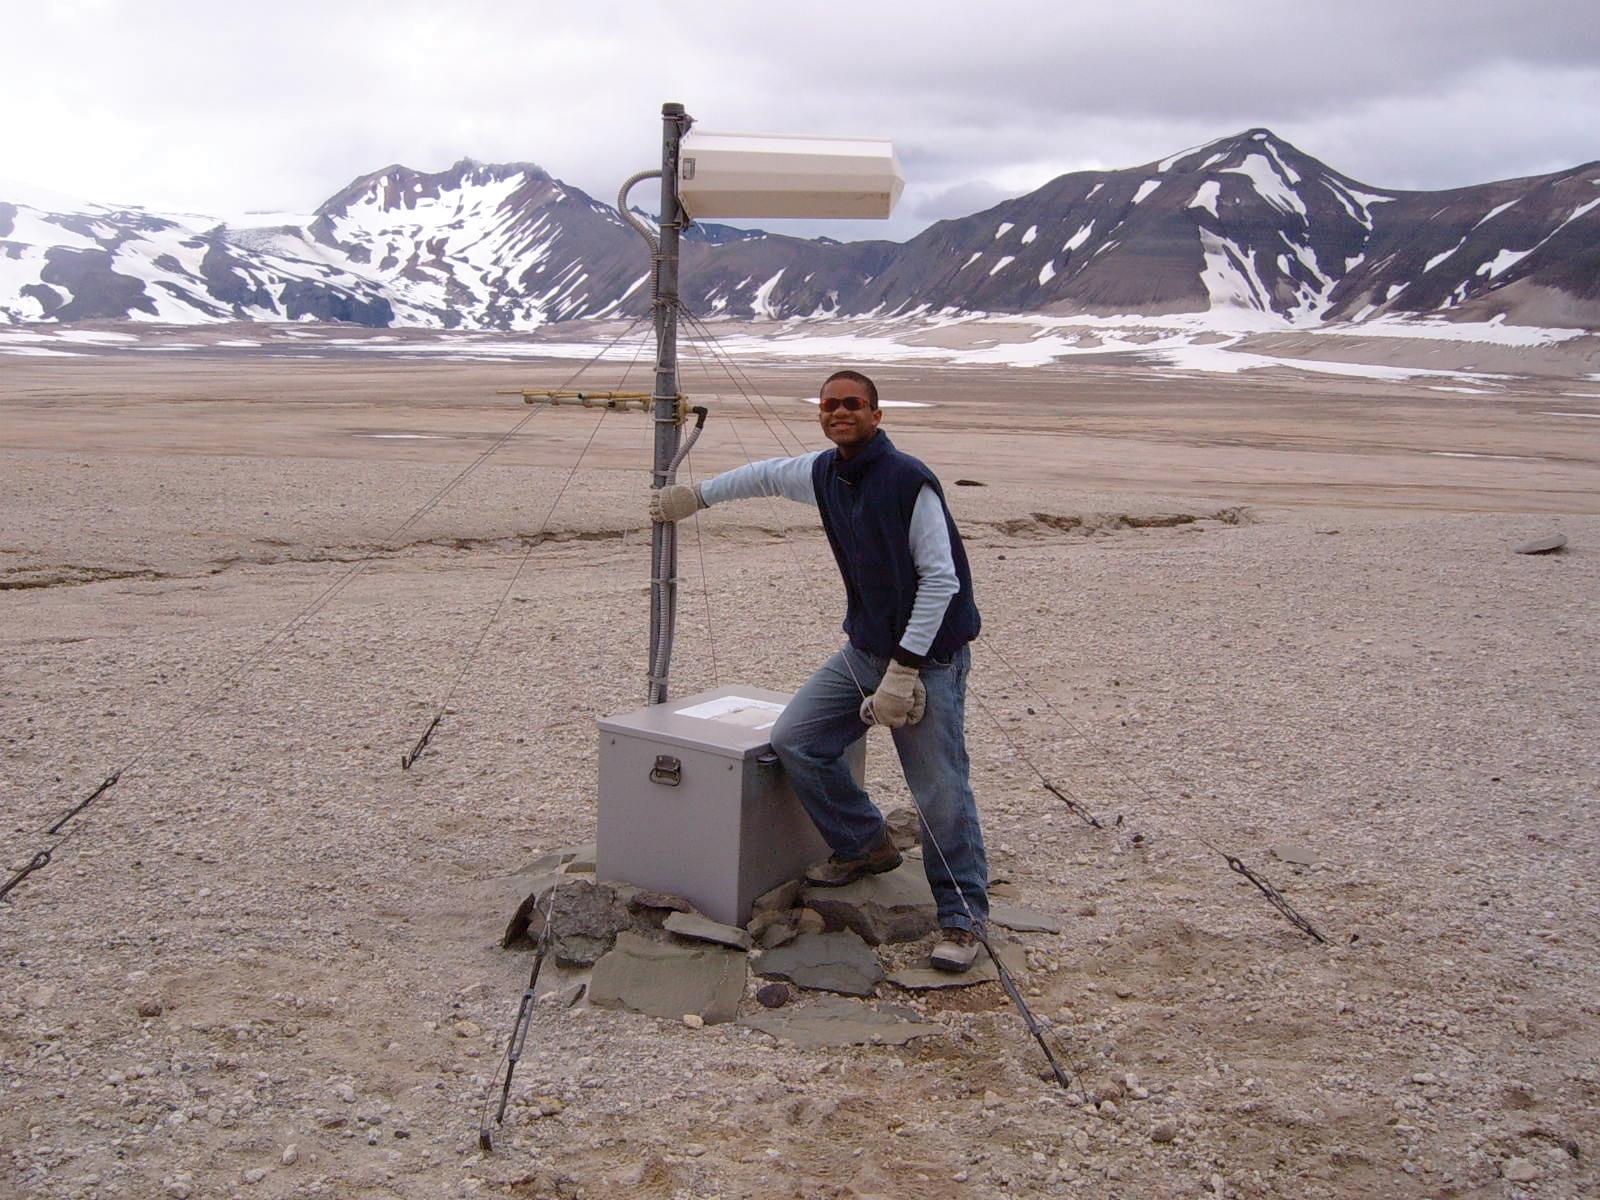 Seismology - Simple English Wikipedia, the free encyclopedia